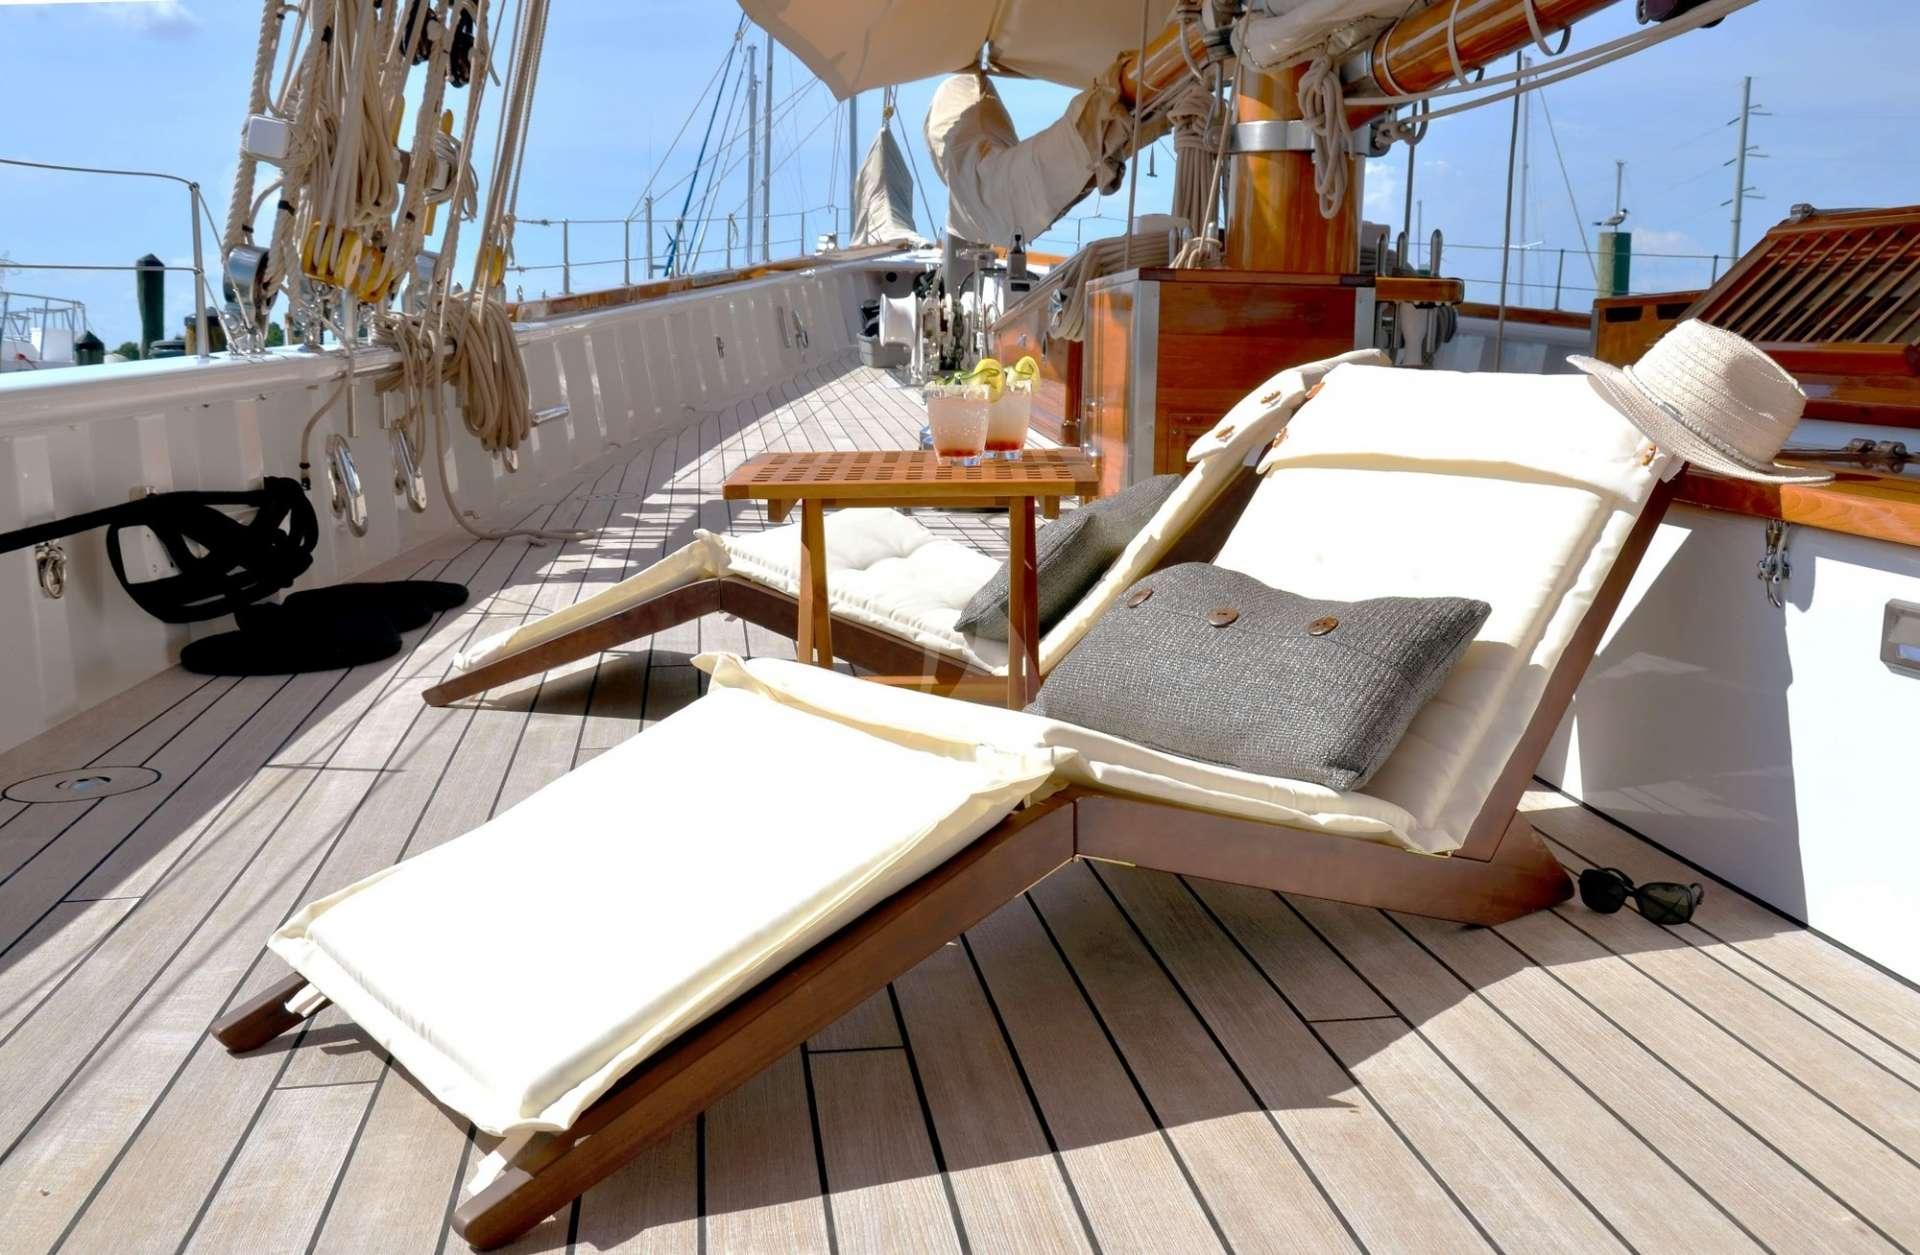 Image of Columbia yacht #11